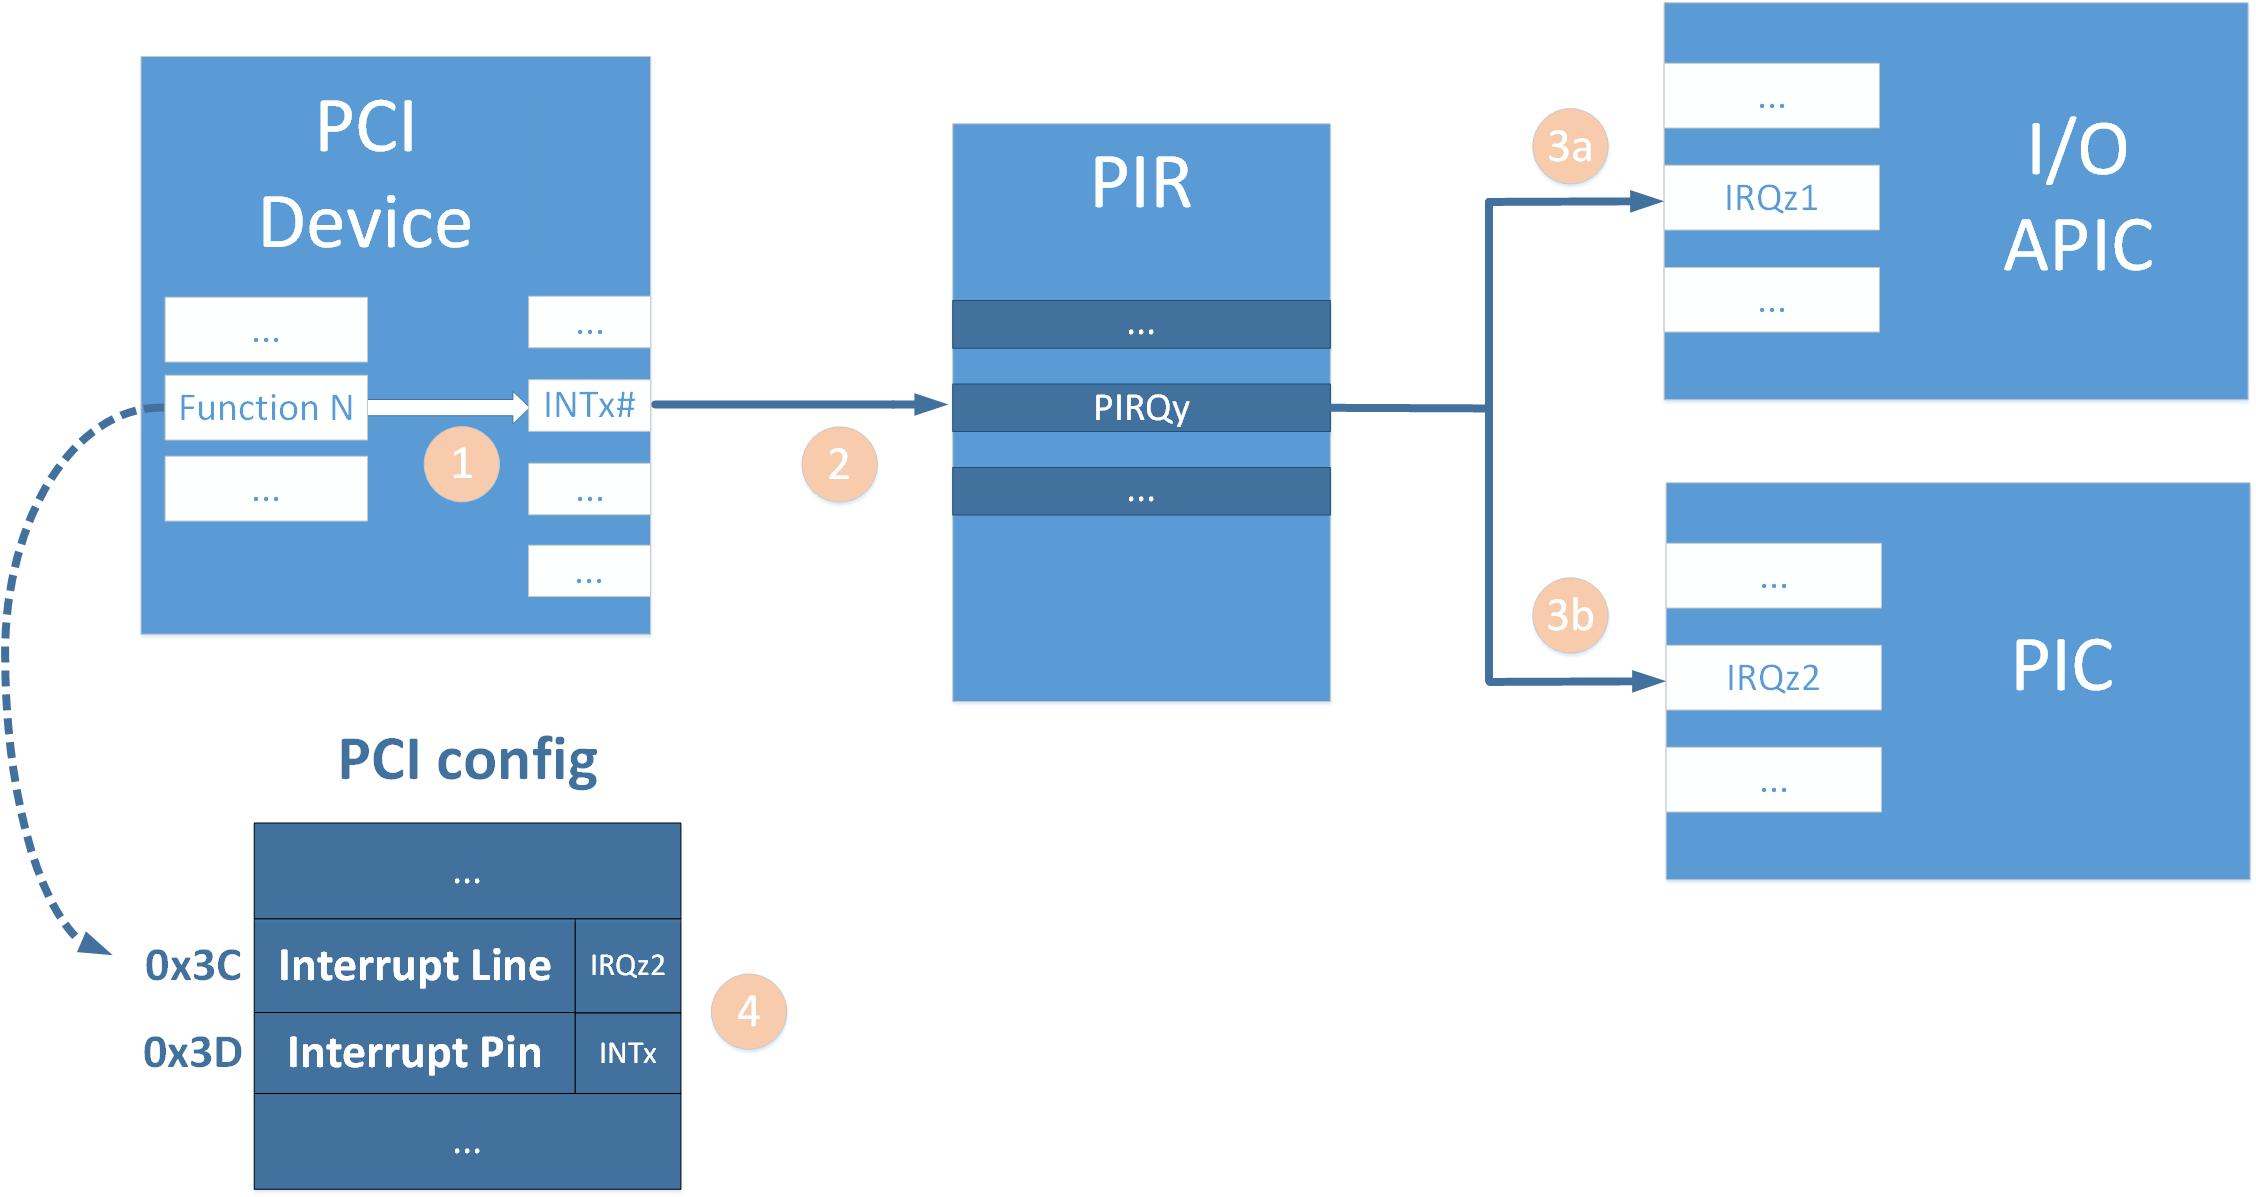 Прерывания от внешних устройств в системе x86. Часть 3. Настройка роутинга прерываний в чипсете на примере coreboot - 7